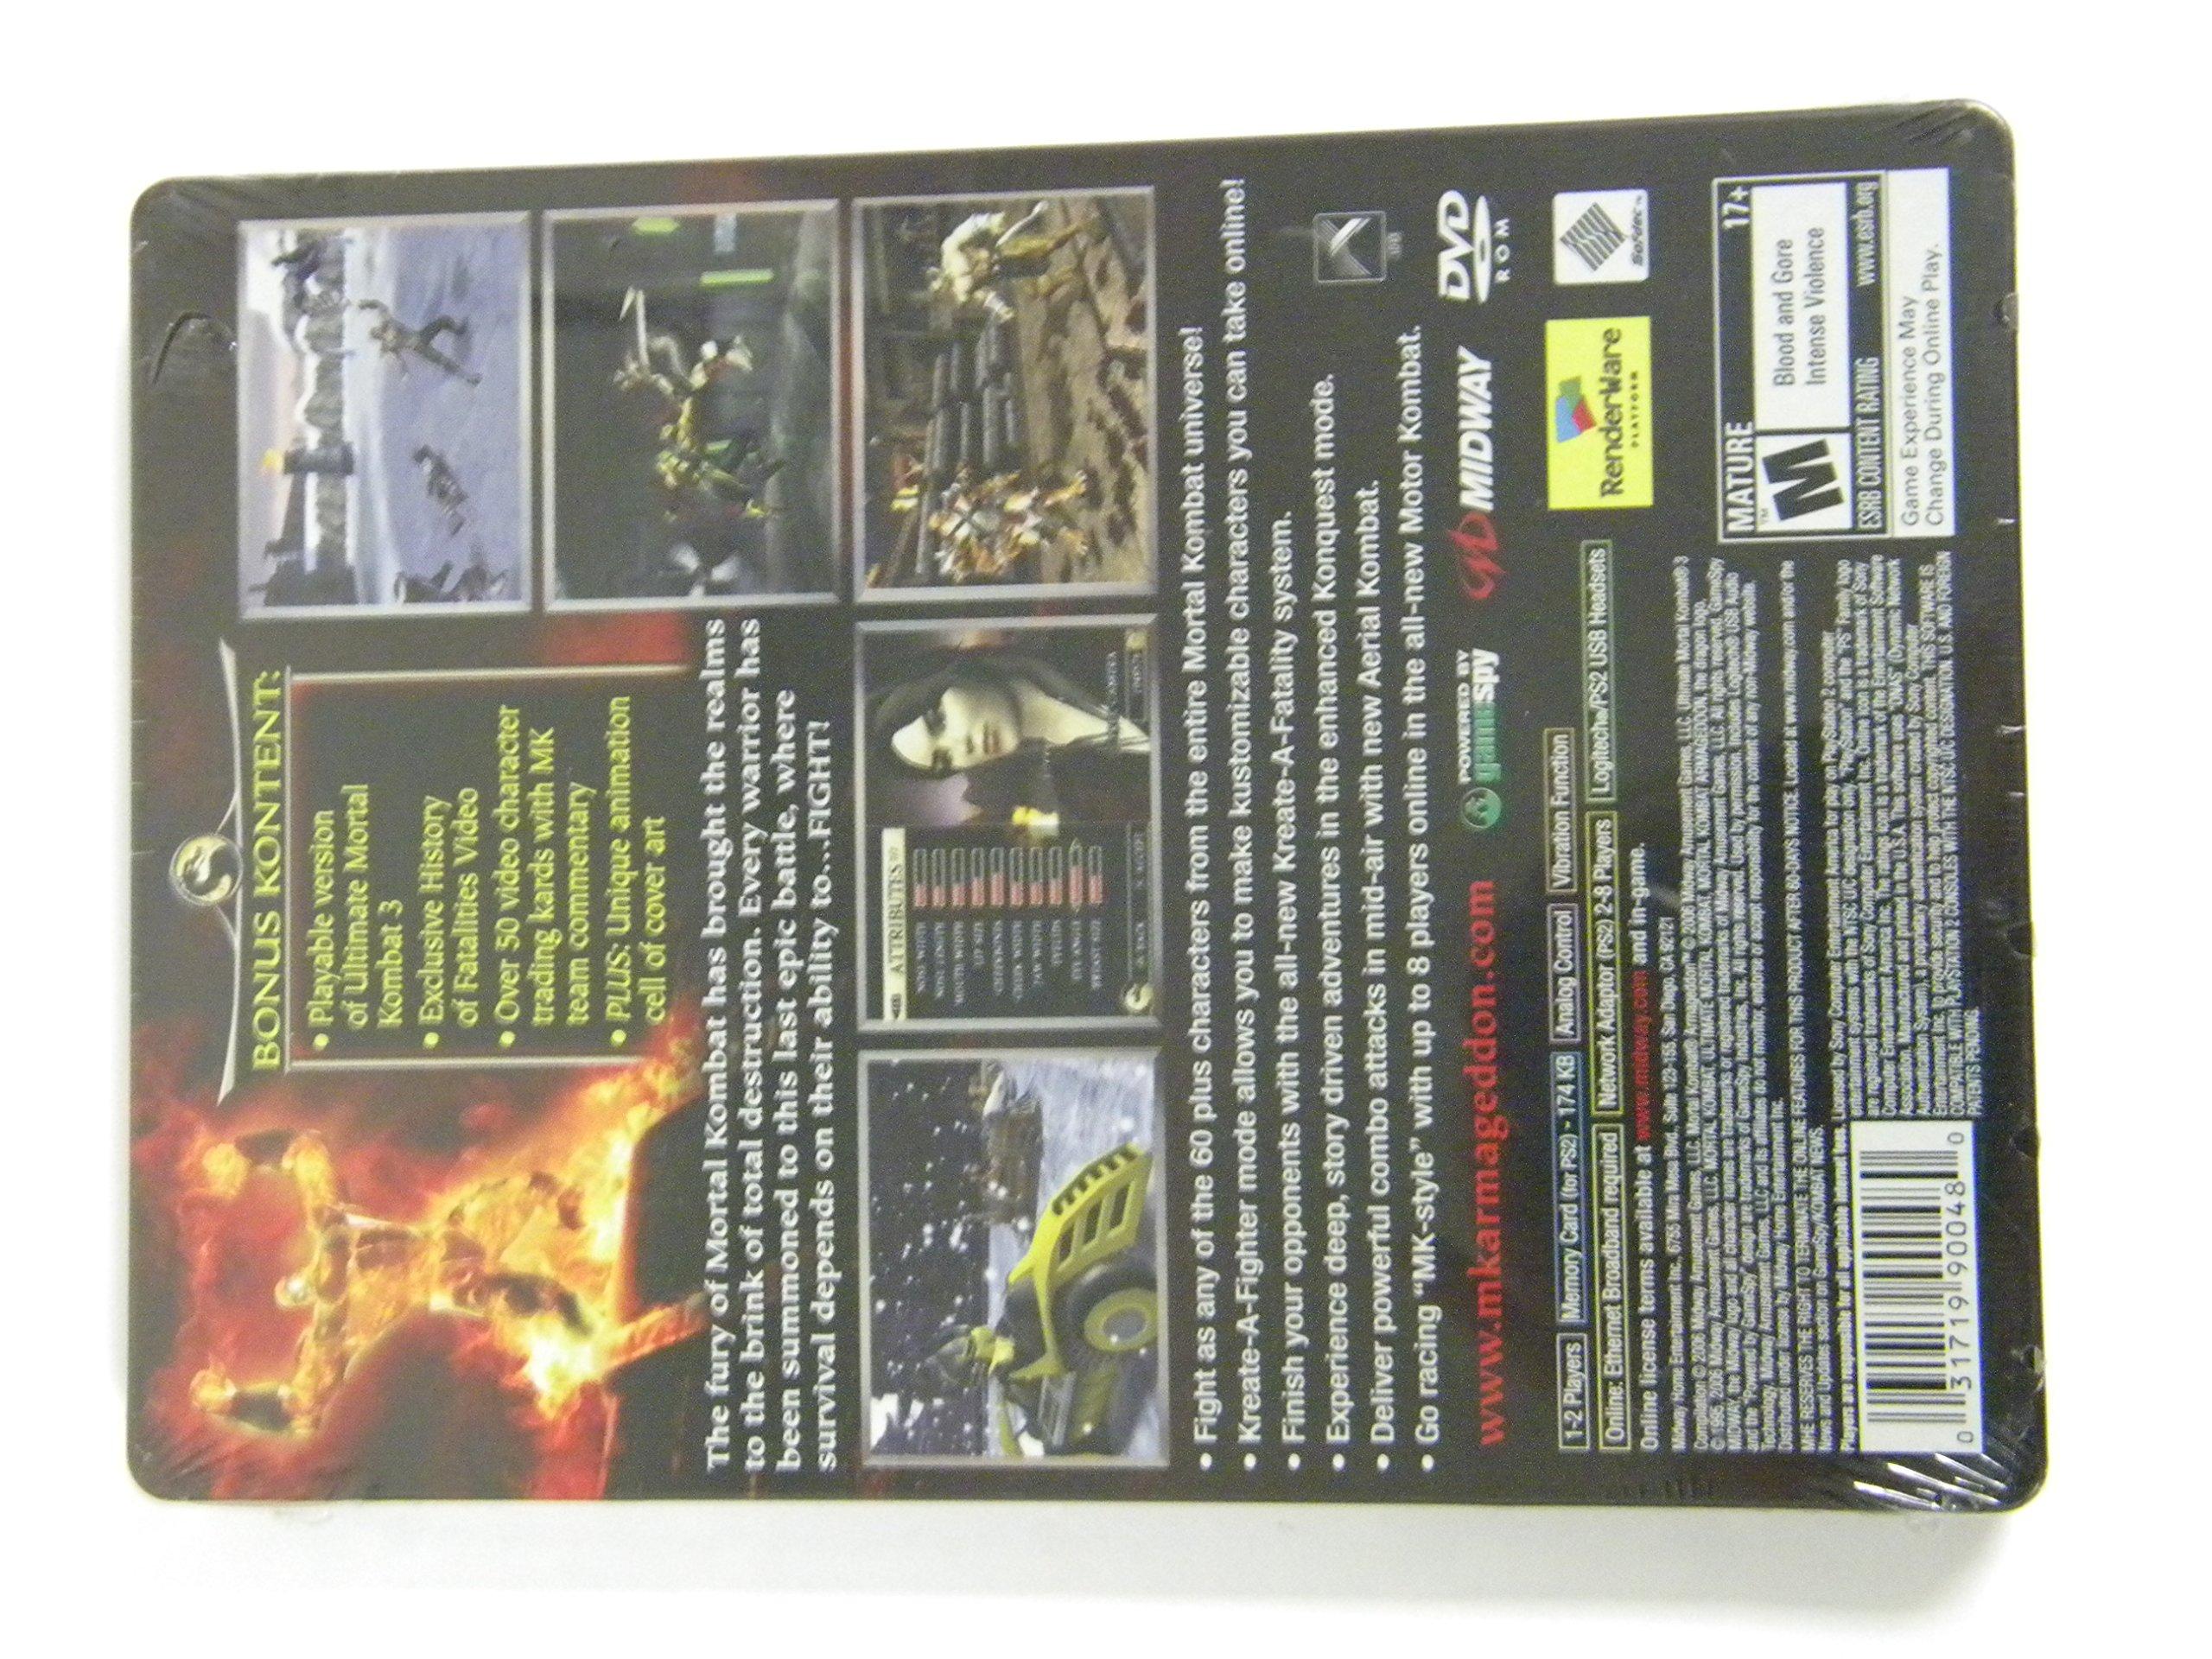 Amazon com: Mortal Kombat Deception Kollectors Edition